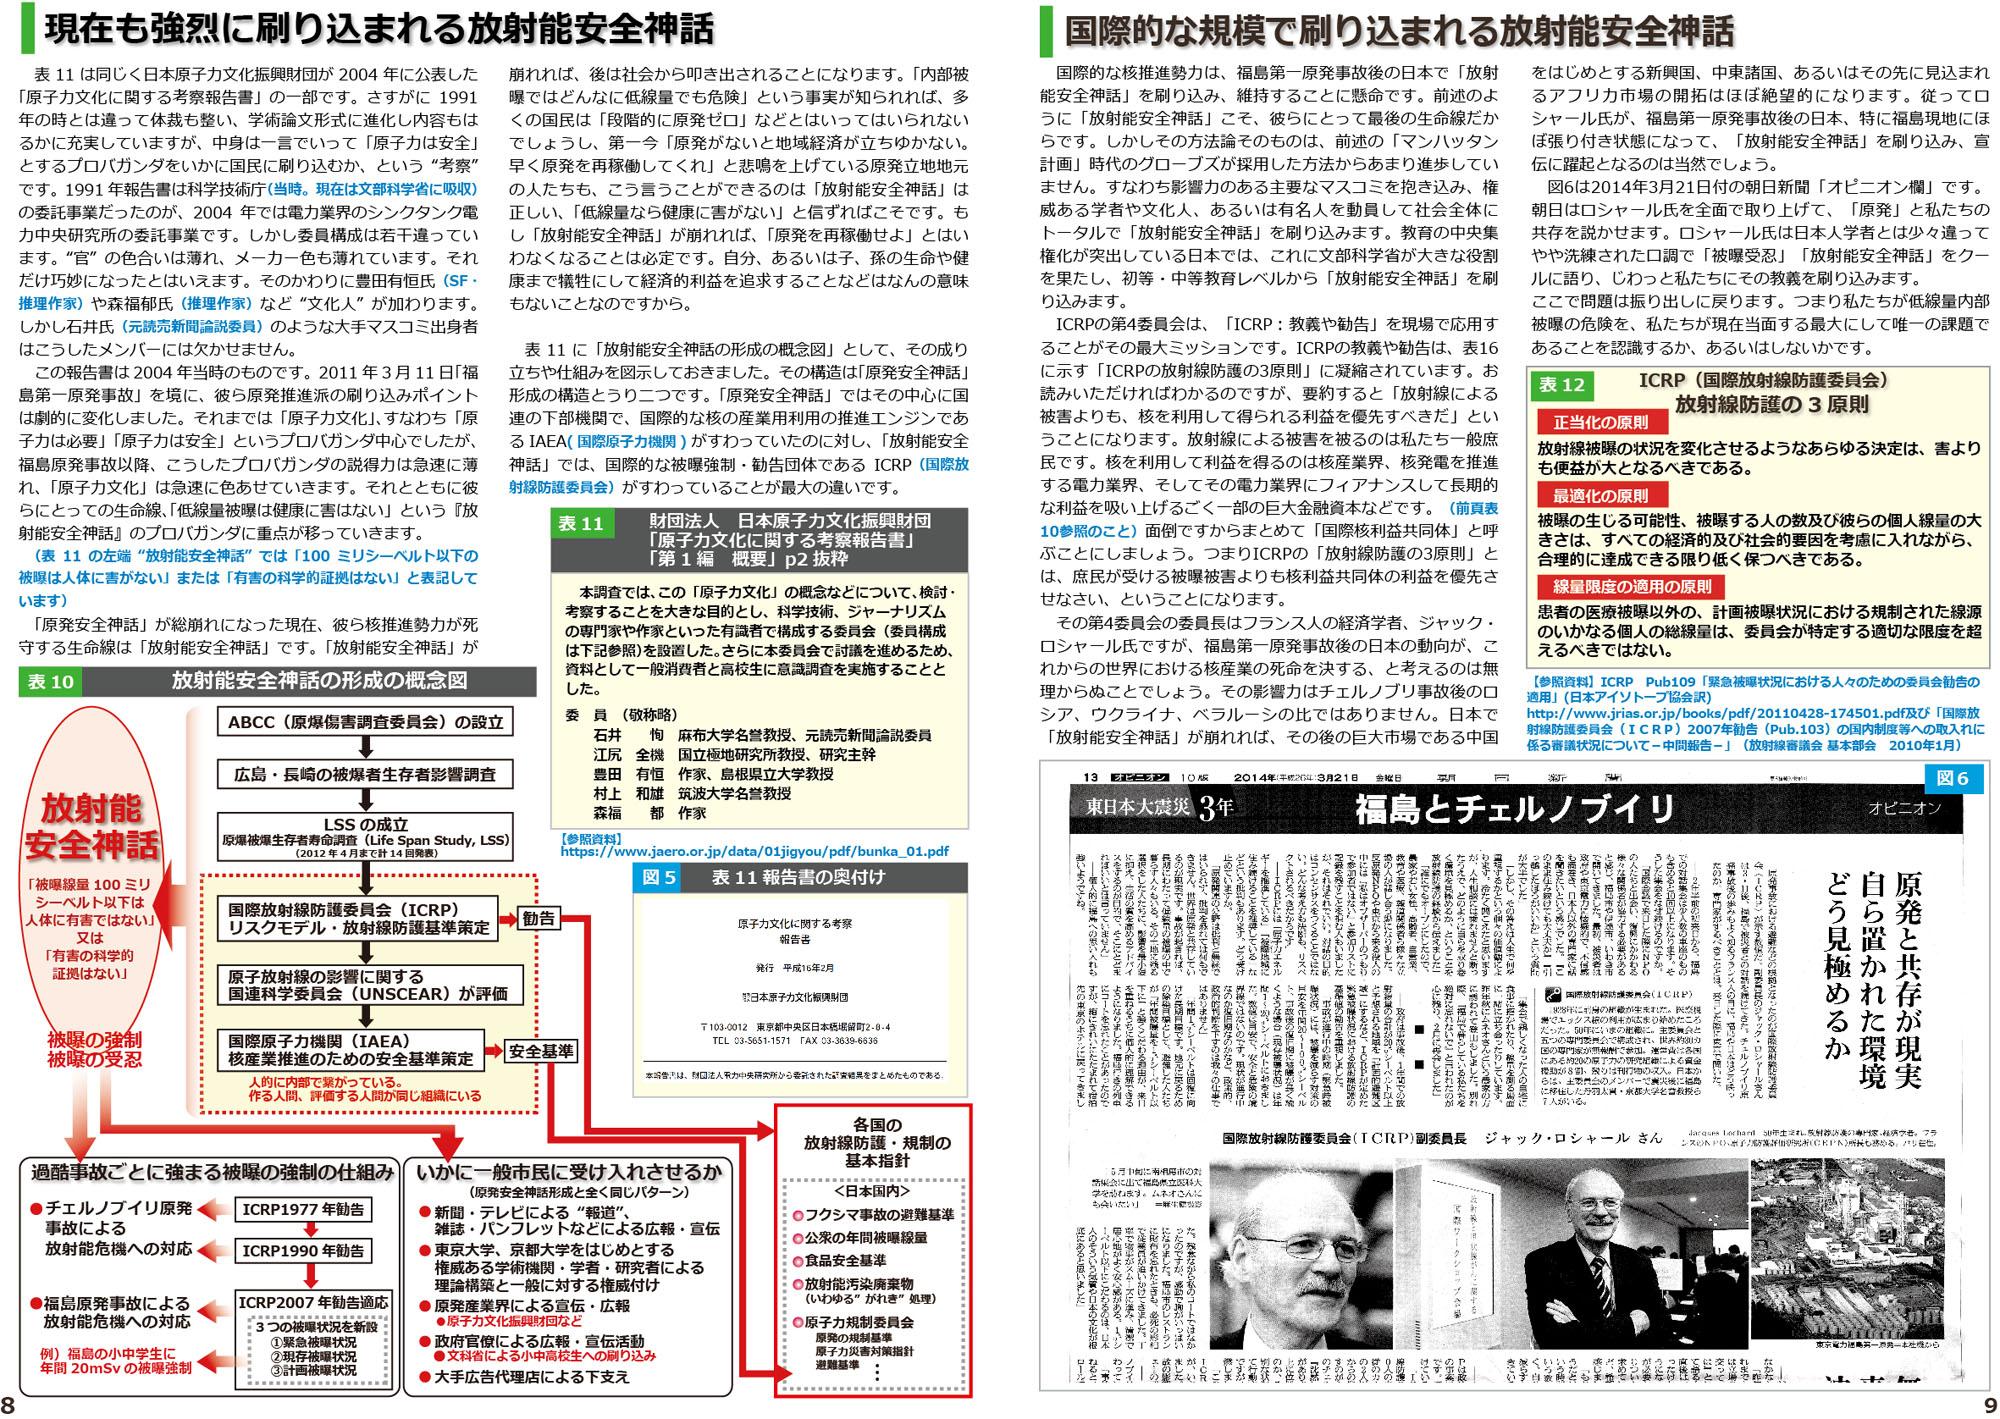 ファイル 282-5.jpg